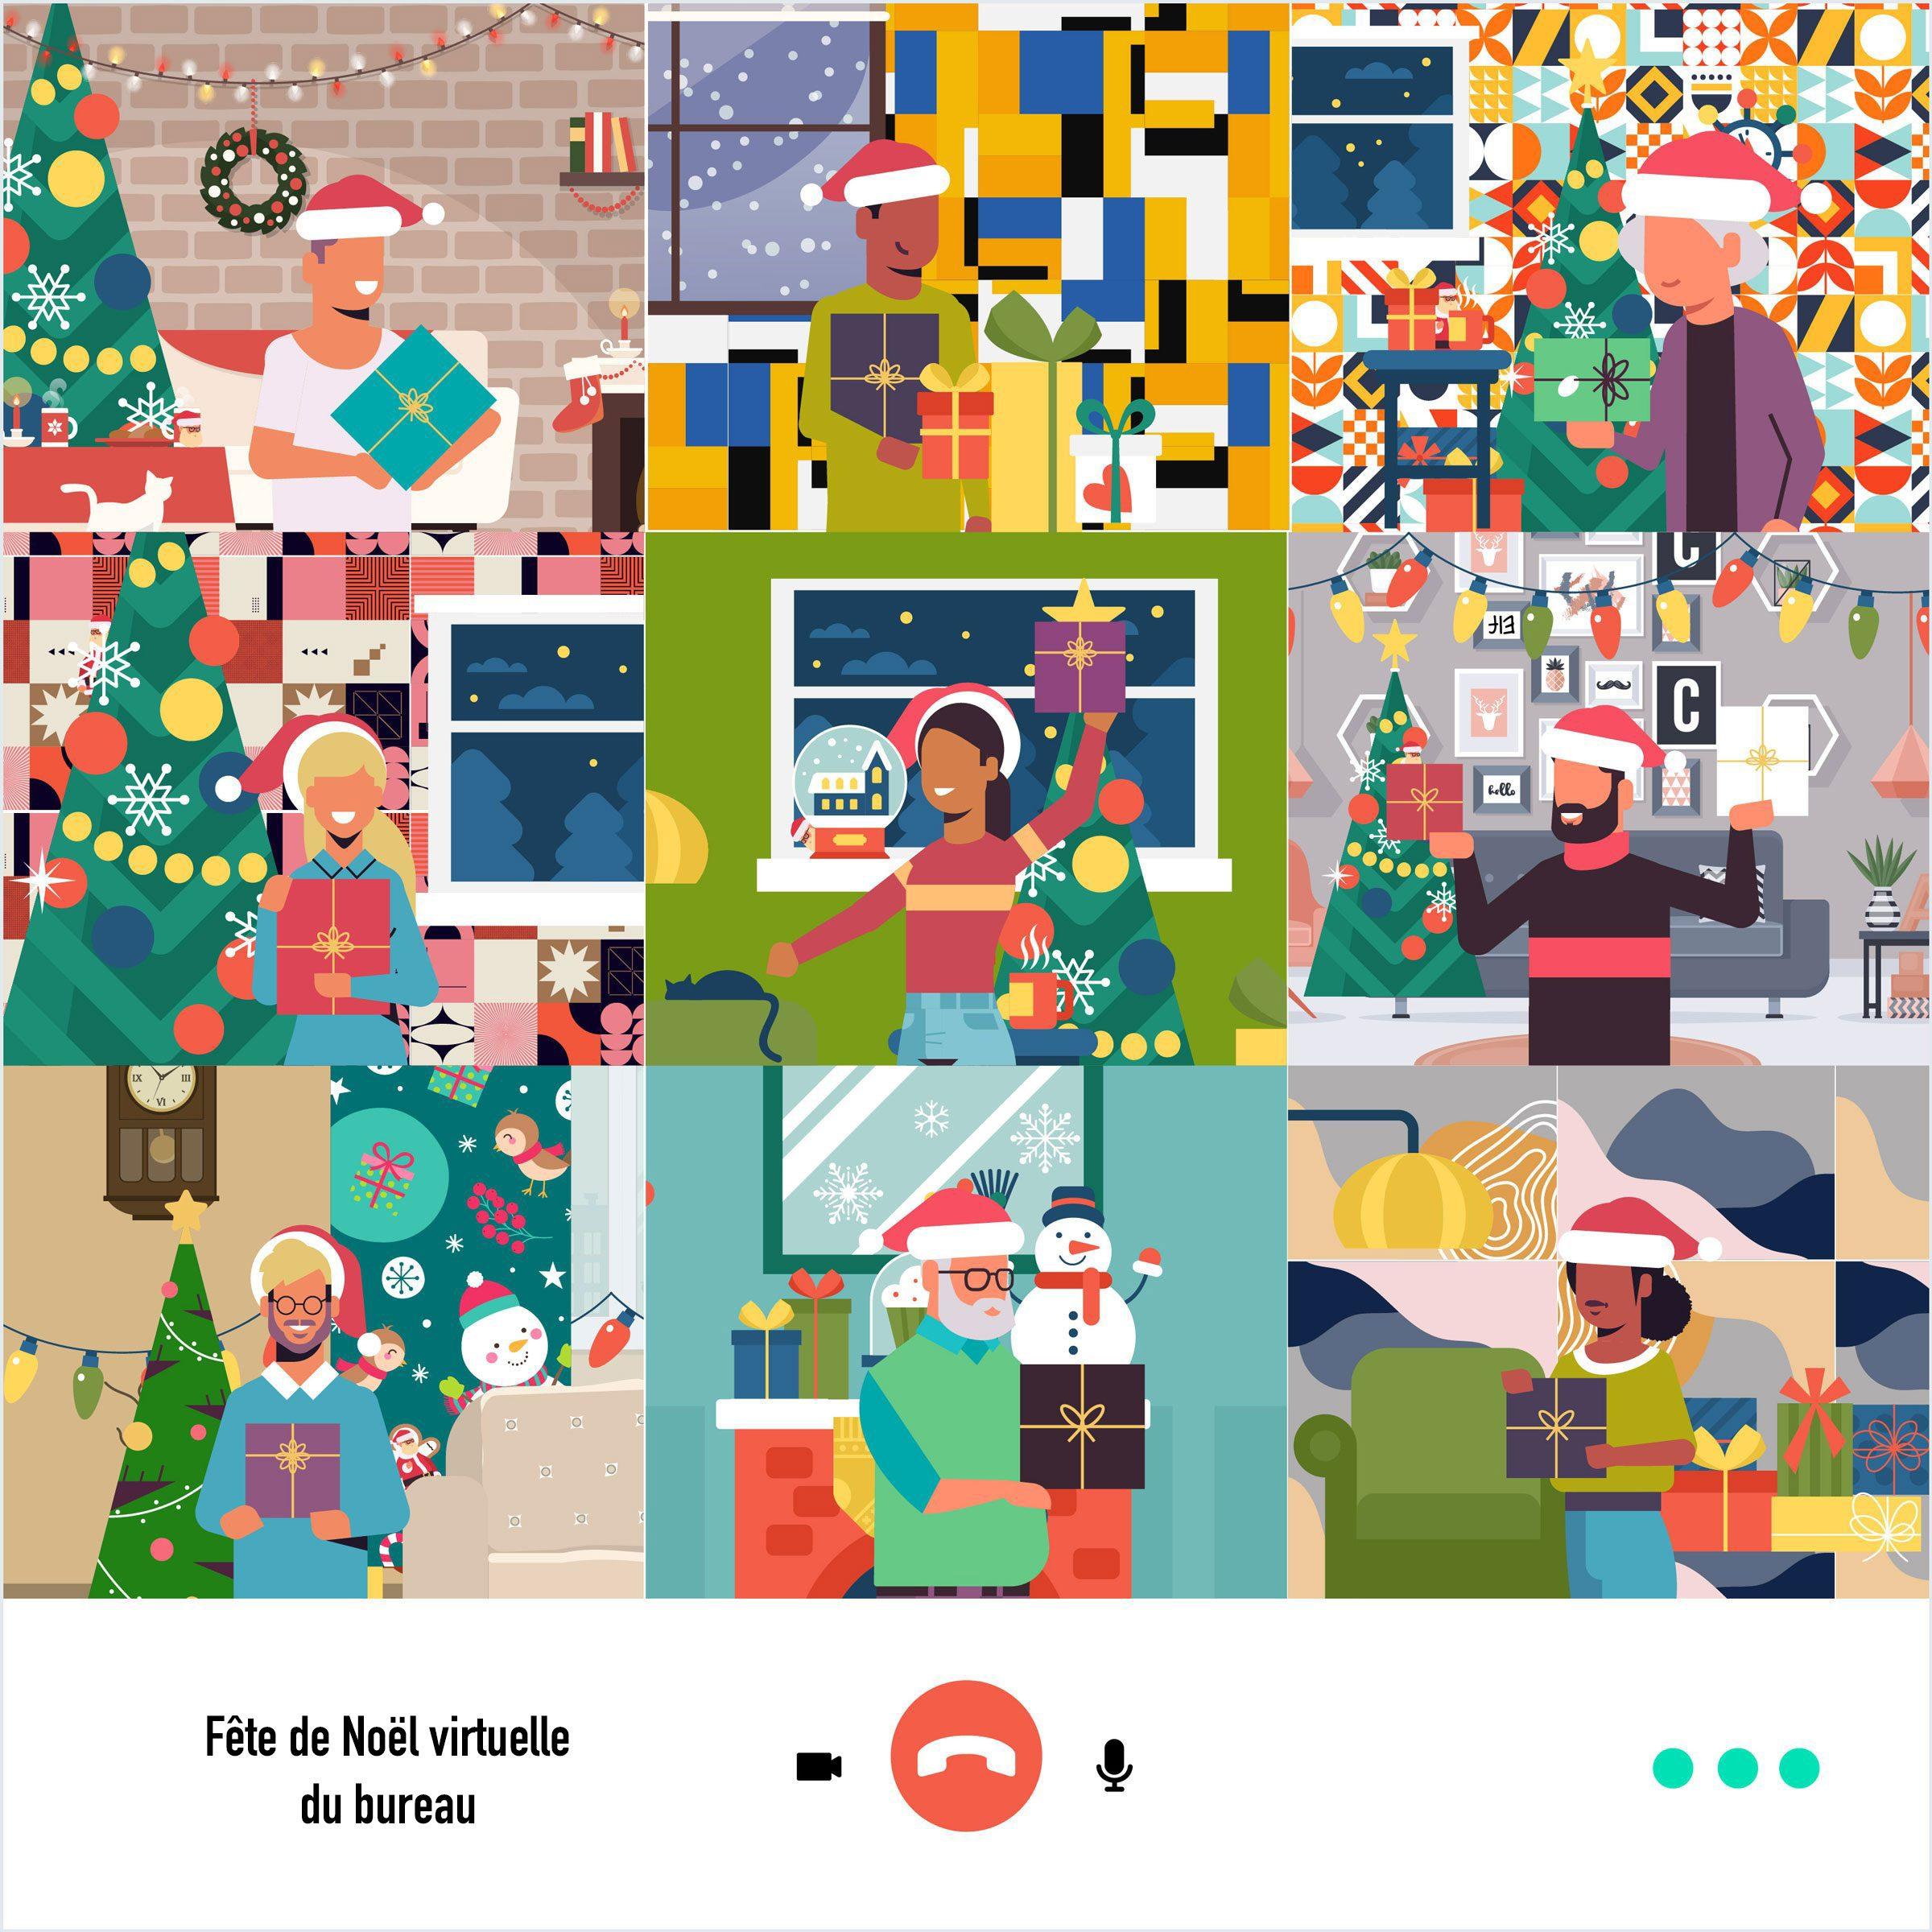 Saurez-vous trouver les 7 pères Noël cachés?